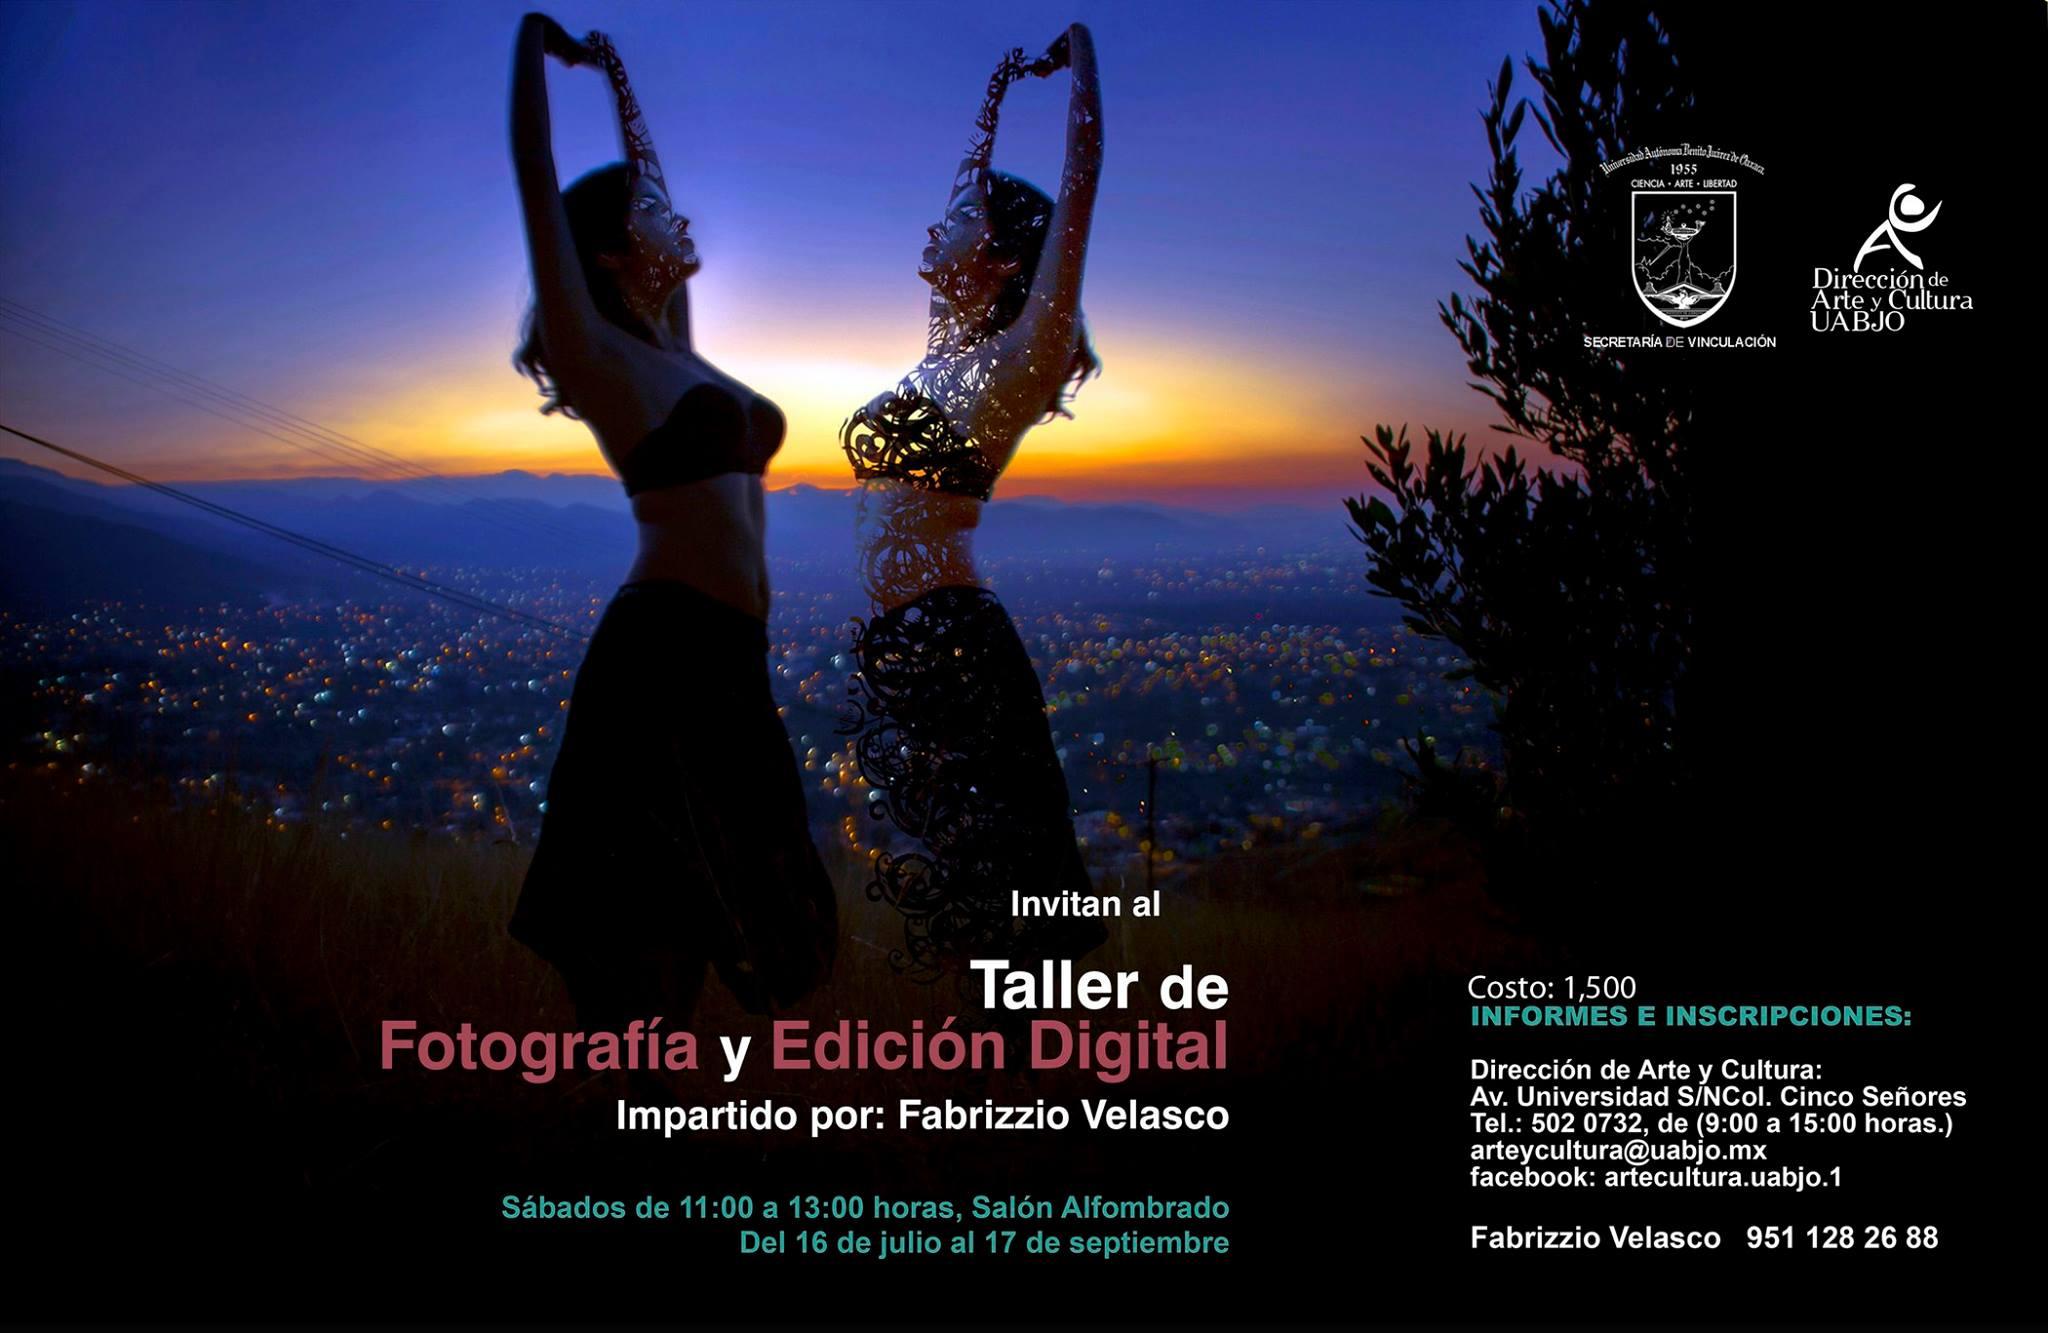 TALLER DE FOTOGRAFÍA Y EDICIÓN DIGITAL